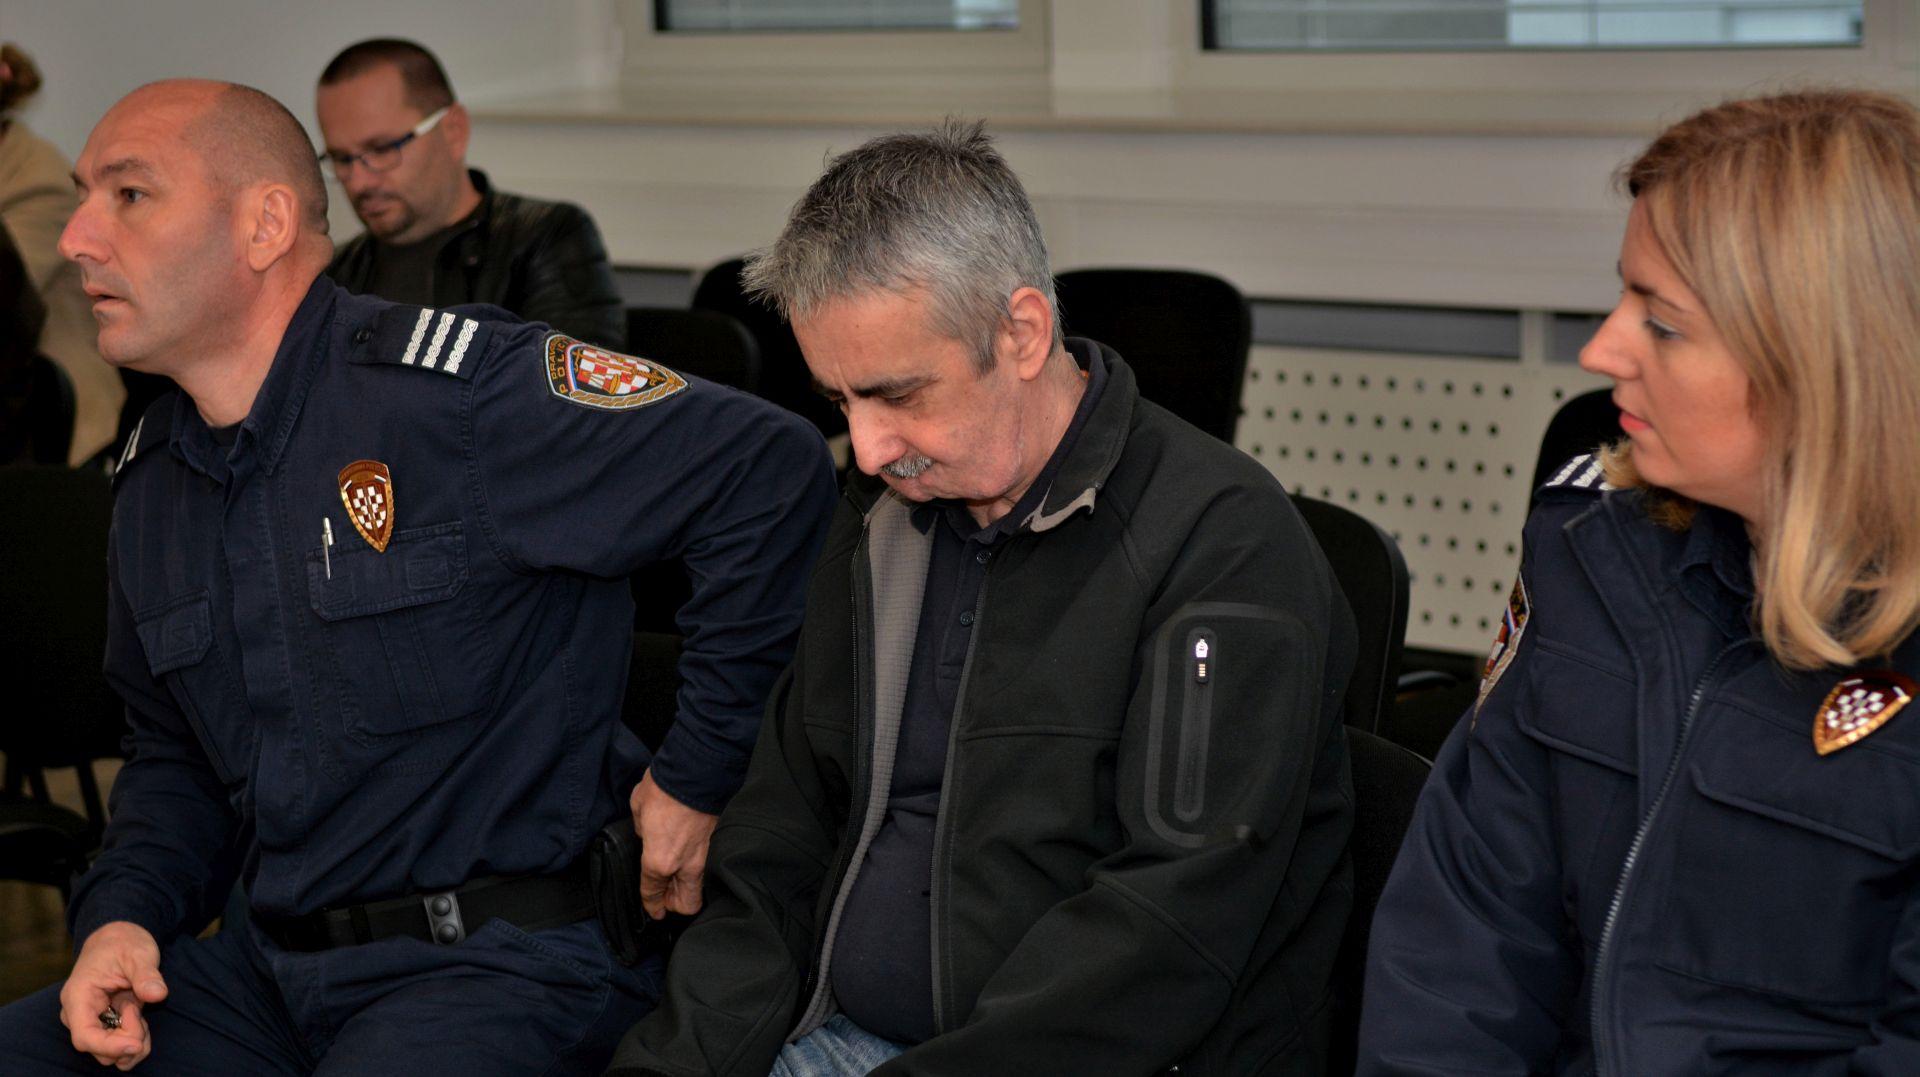 Damir Matan osuđen na 31 godinu zatvora zbog ubojstva supruge u Karlovcu 2015.